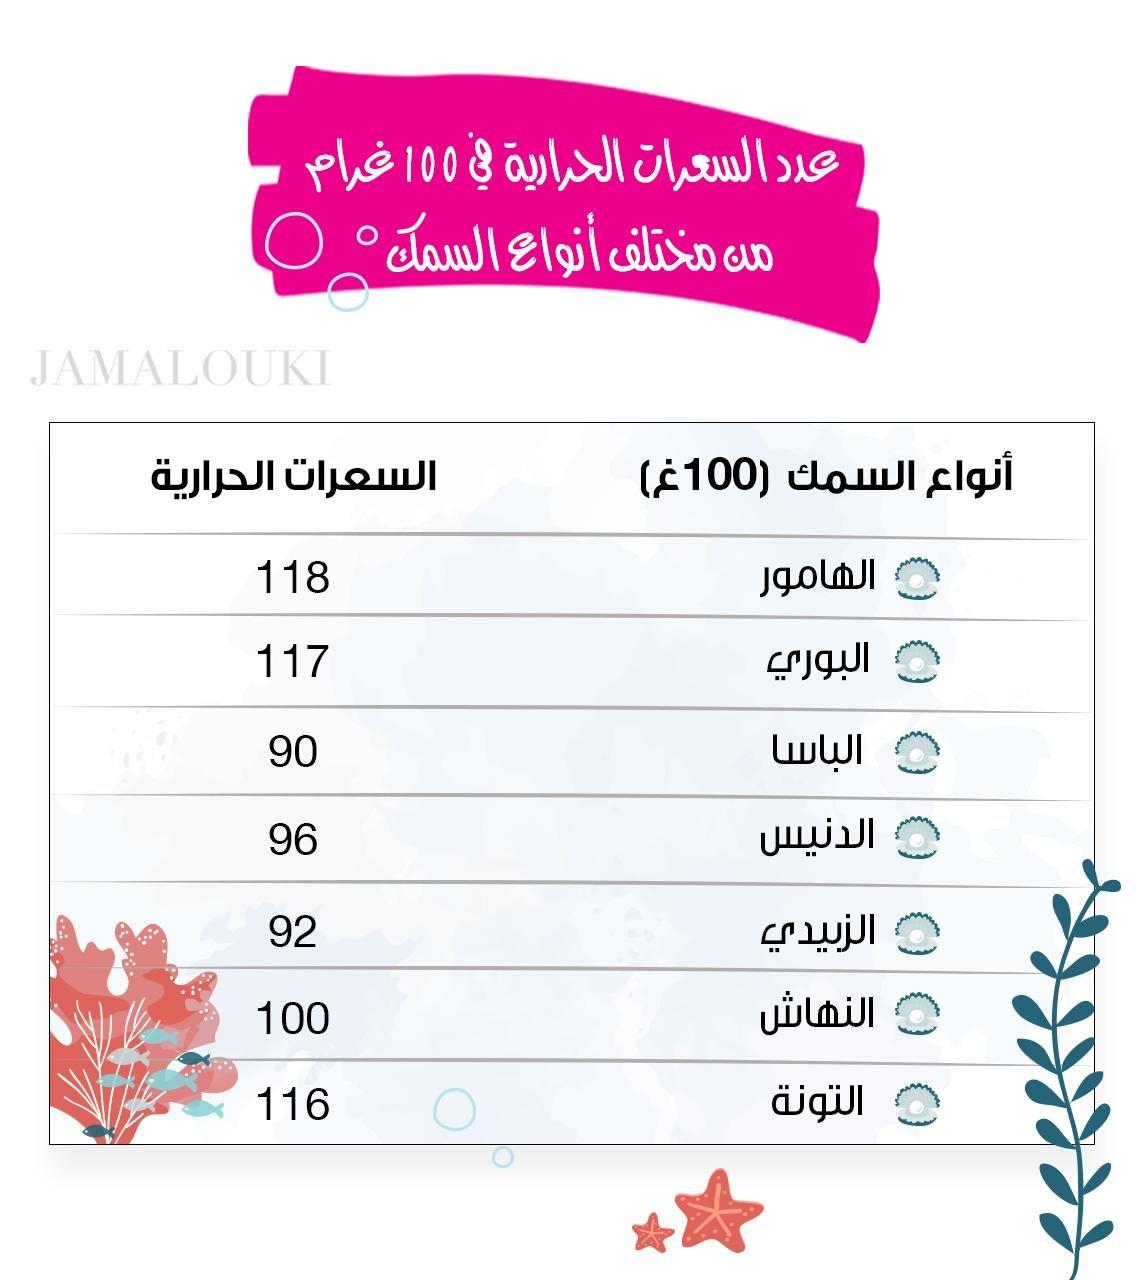 عدد السعرات الحرارية في 100غرام من مختلف أنواع السمك